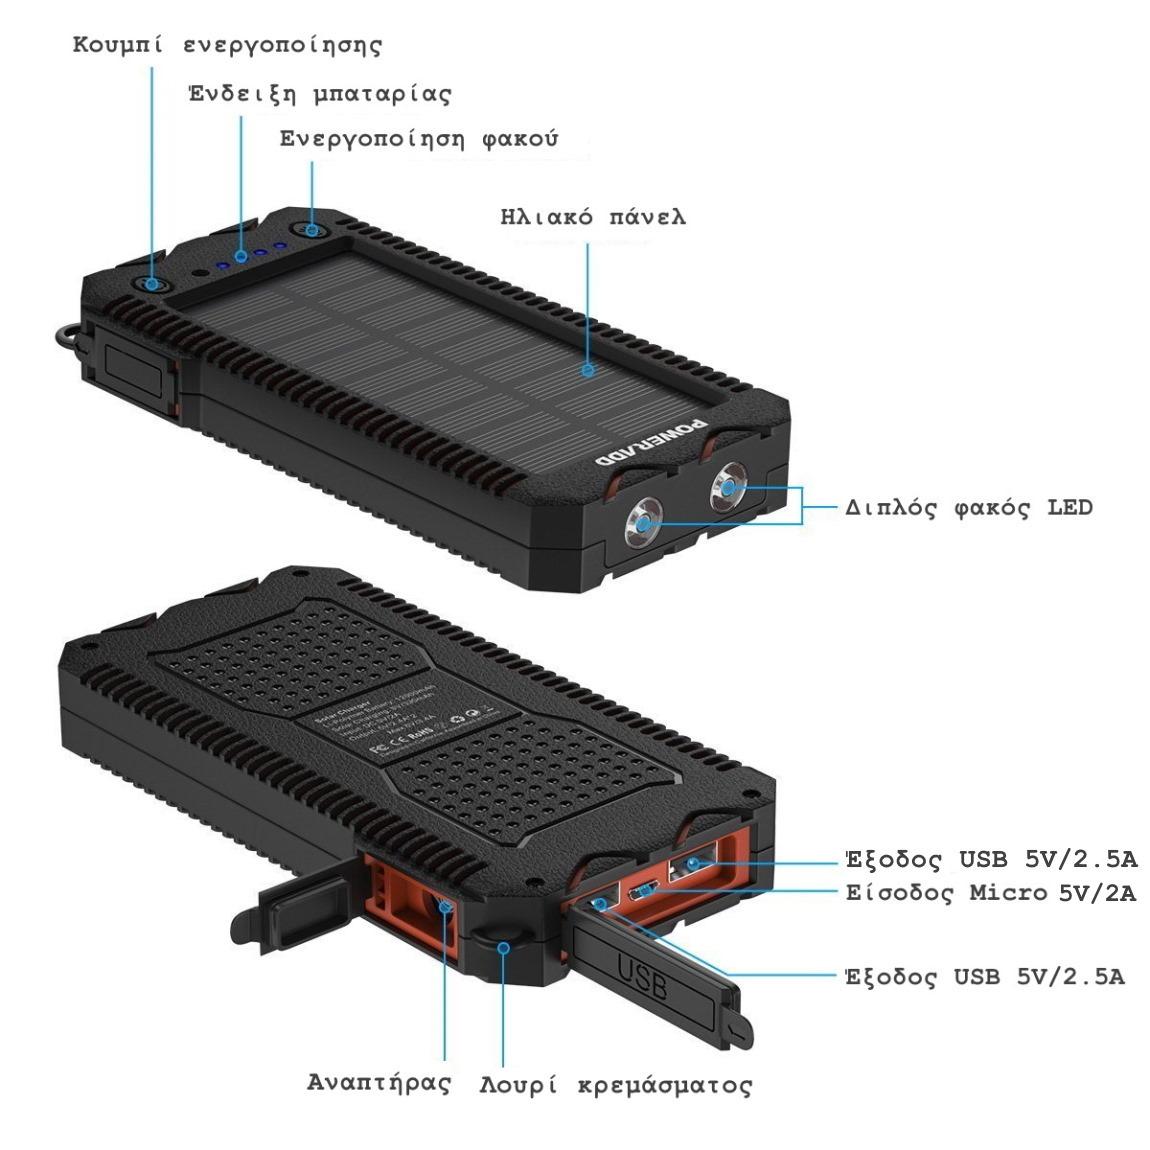 αδιάβροχο Power Bank POWERADD Unique 12000mAh χαρακτηριστικά